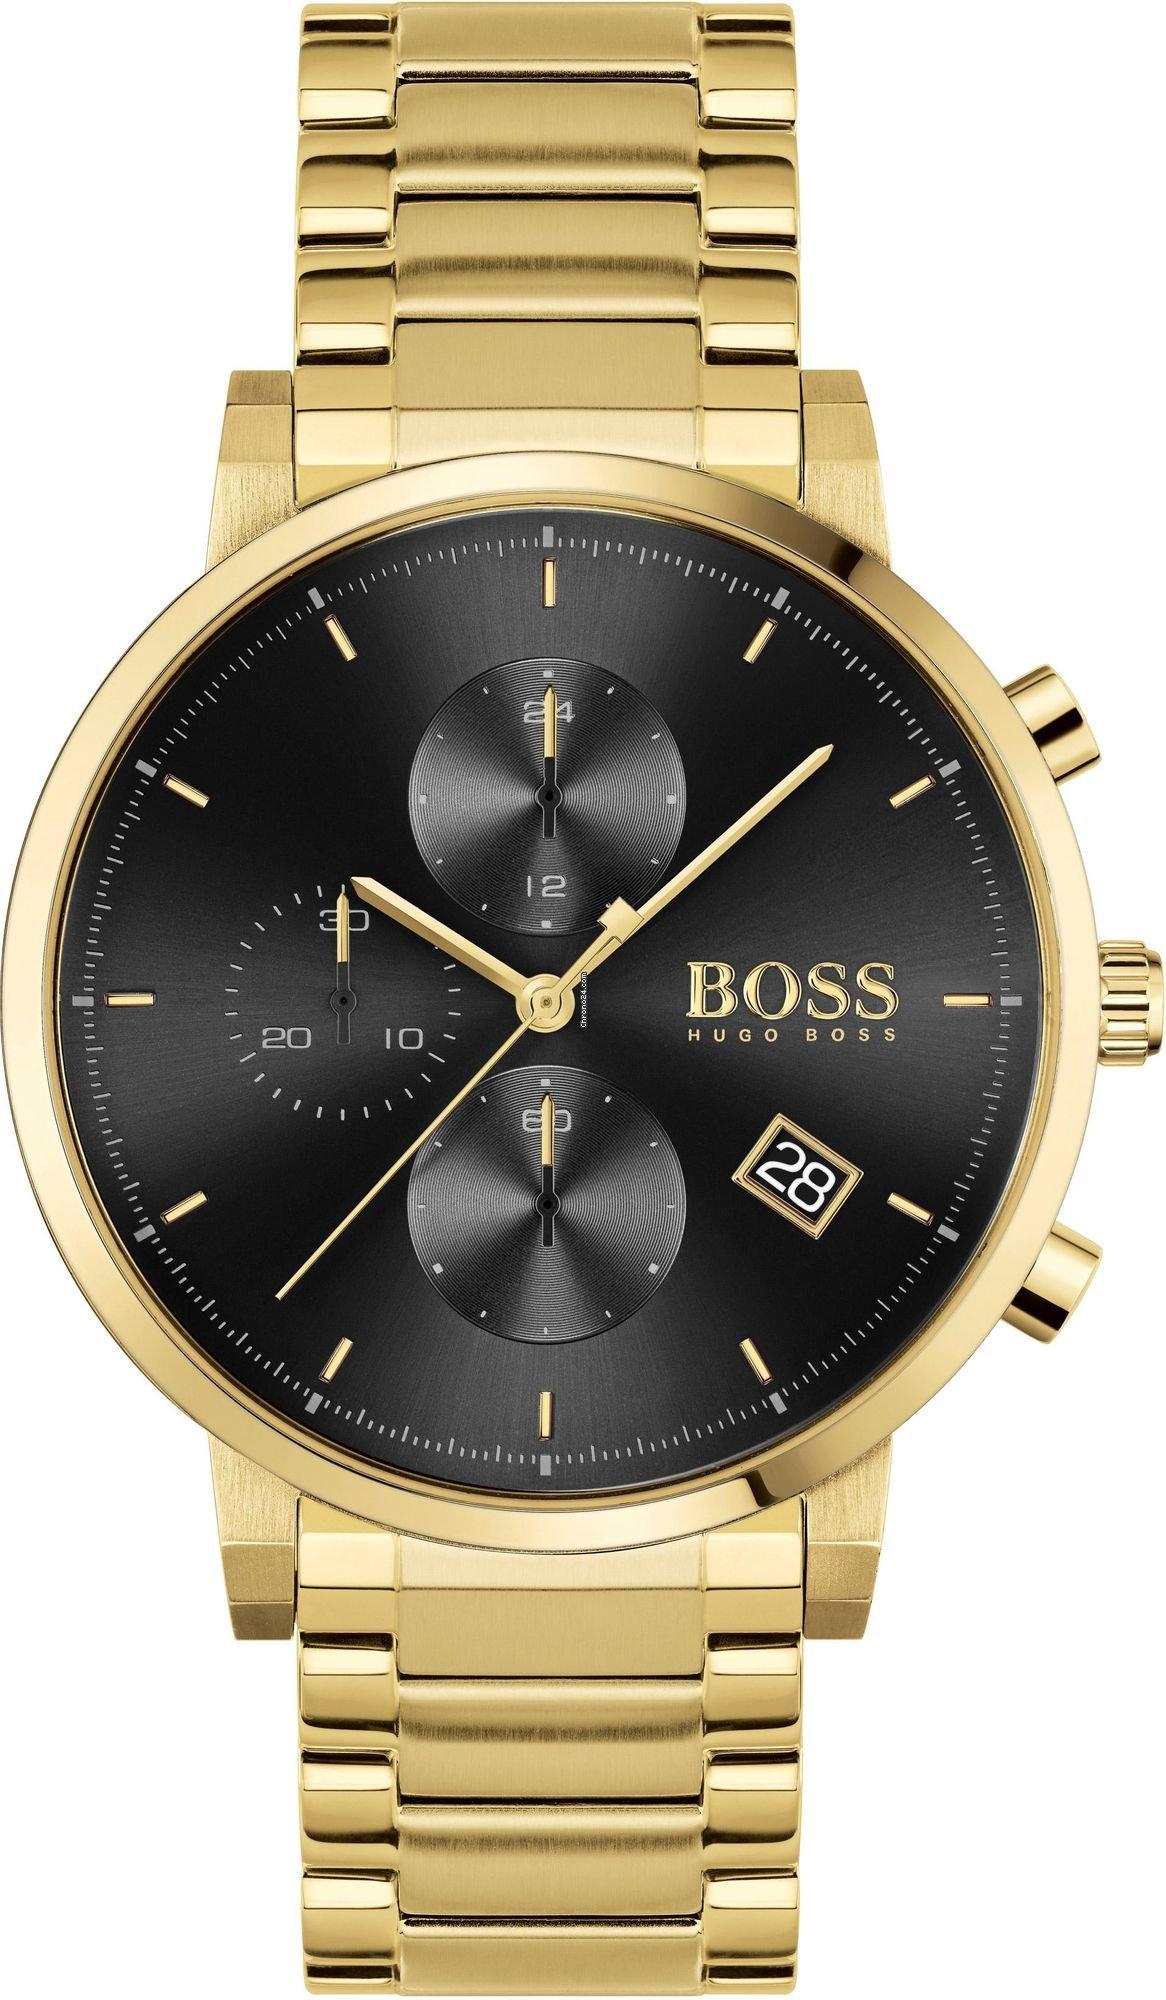 HUGO BOSS - 1513781